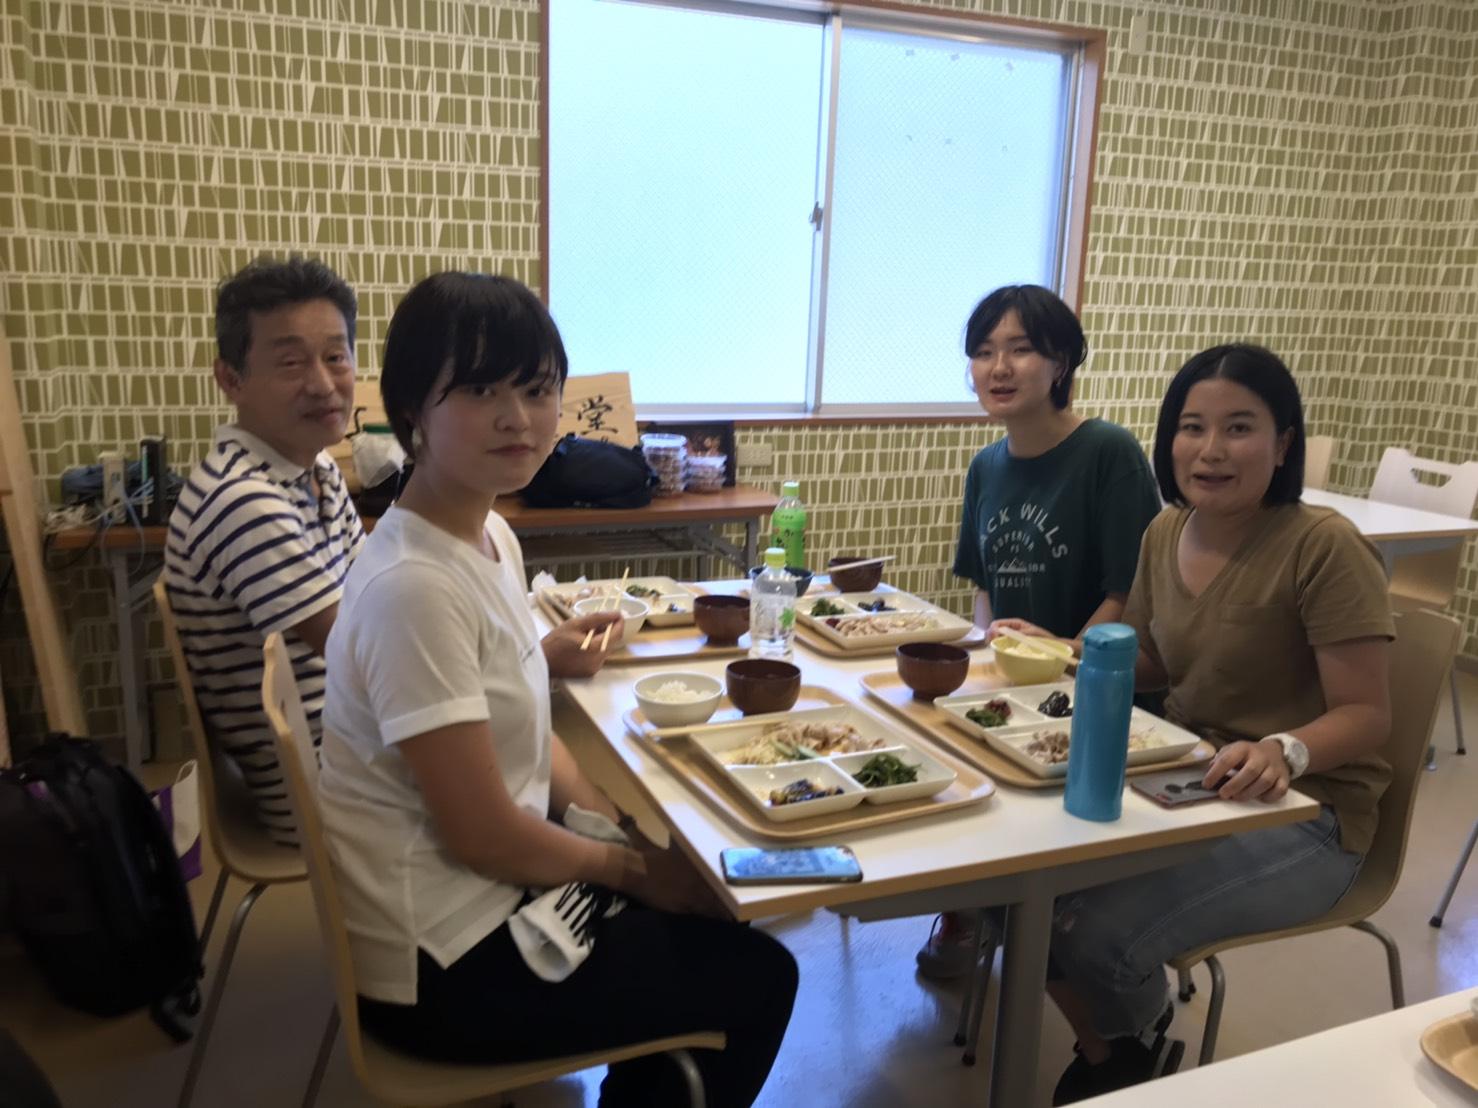 なでしこ食堂でお昼ご飯を食べる同志社女子大の教授と学生さん